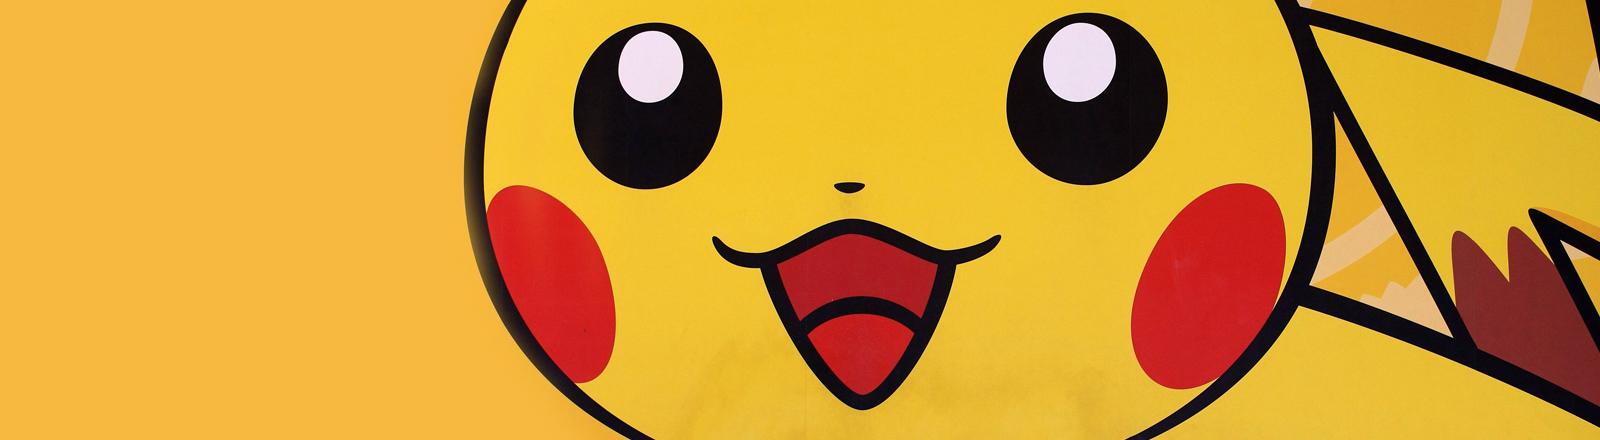 Die Cartoon-Figur Pikachu aus der Pokemon-Reihe.